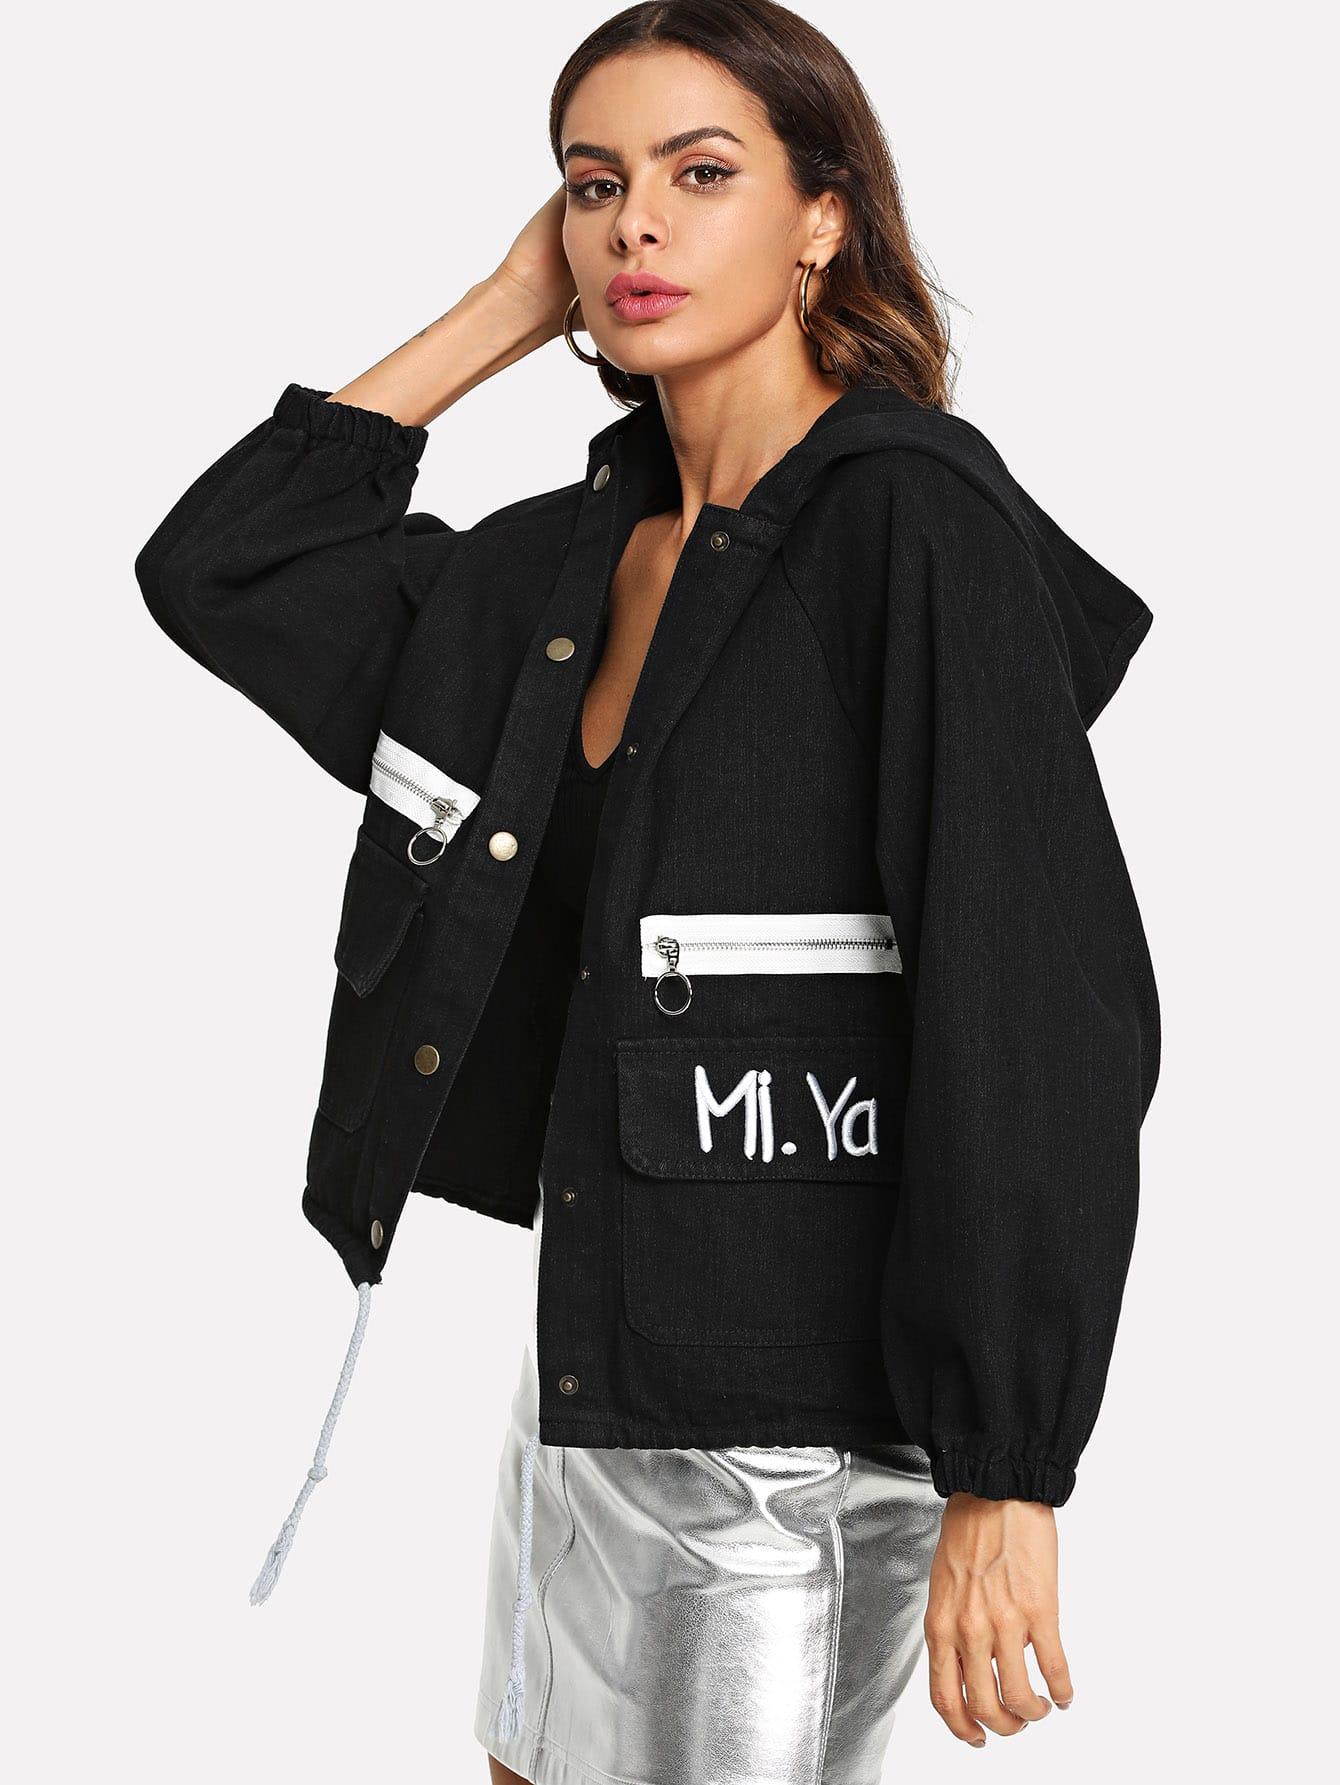 Denim Letter Embroidered Zipper Detail Jacket